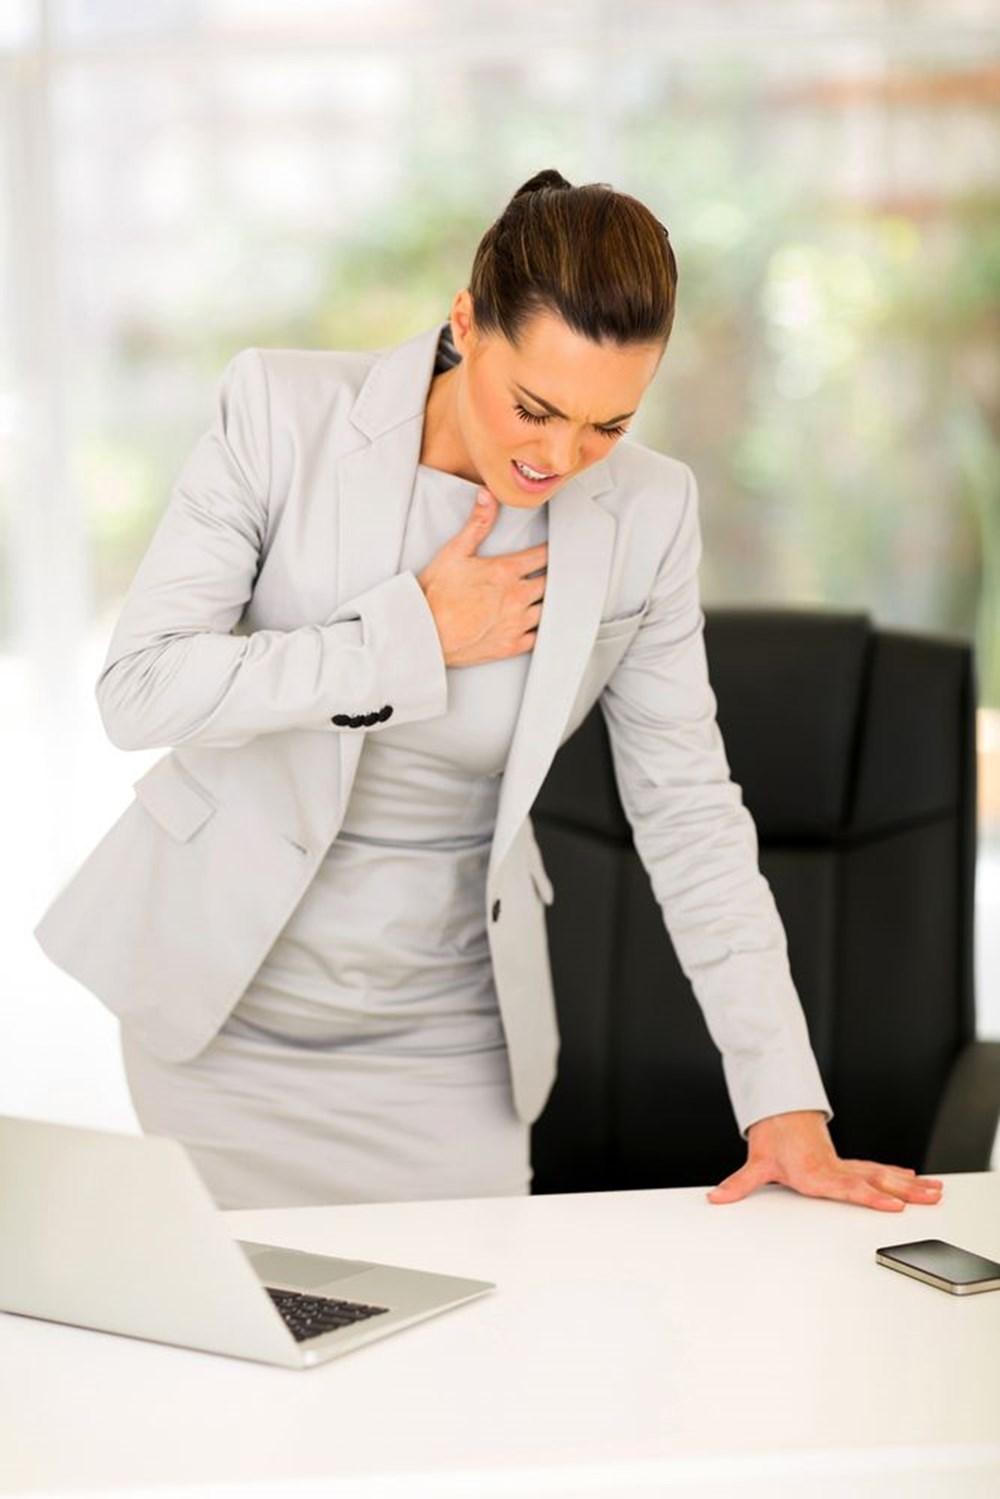 Göğüs ağrısı neden olur? Göğüs ağrısının nedenleri! (Her göğüs ağrısı kalp krizini düşündürmesin!) - 2